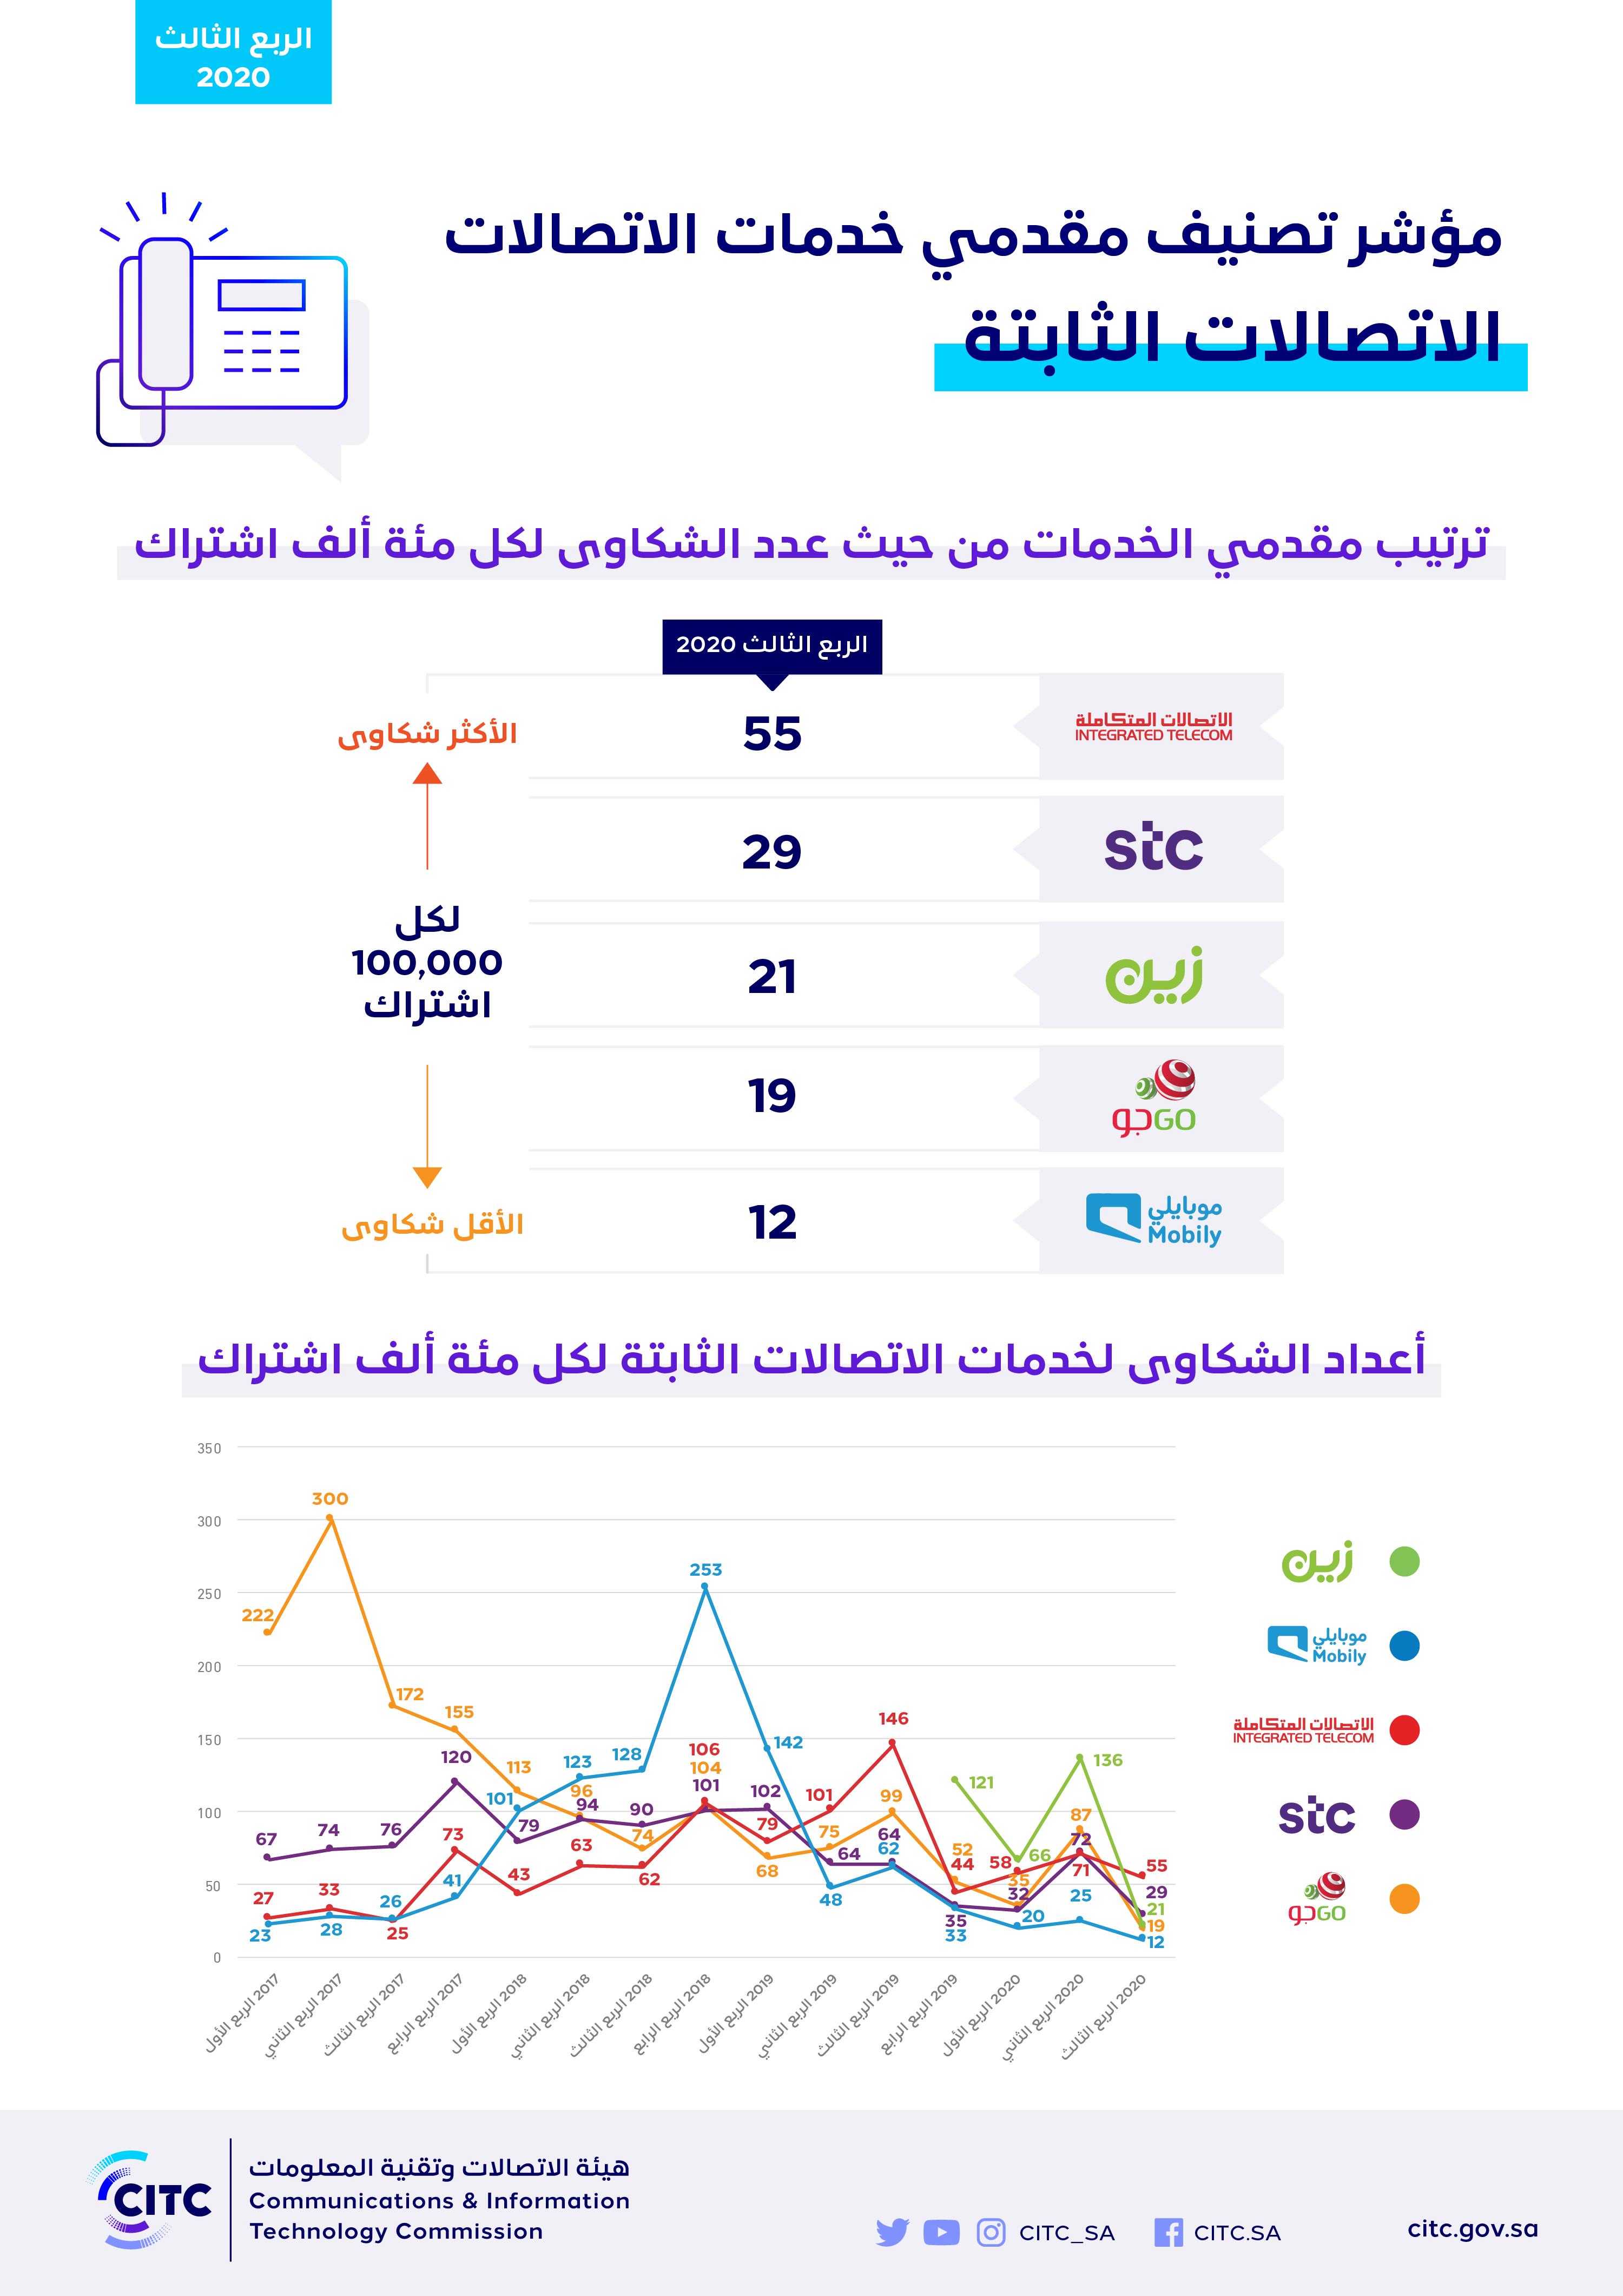 مؤشر تصنيف مقدمي خدمات الاتصالات الربع الثالث 2020 - نشر-02